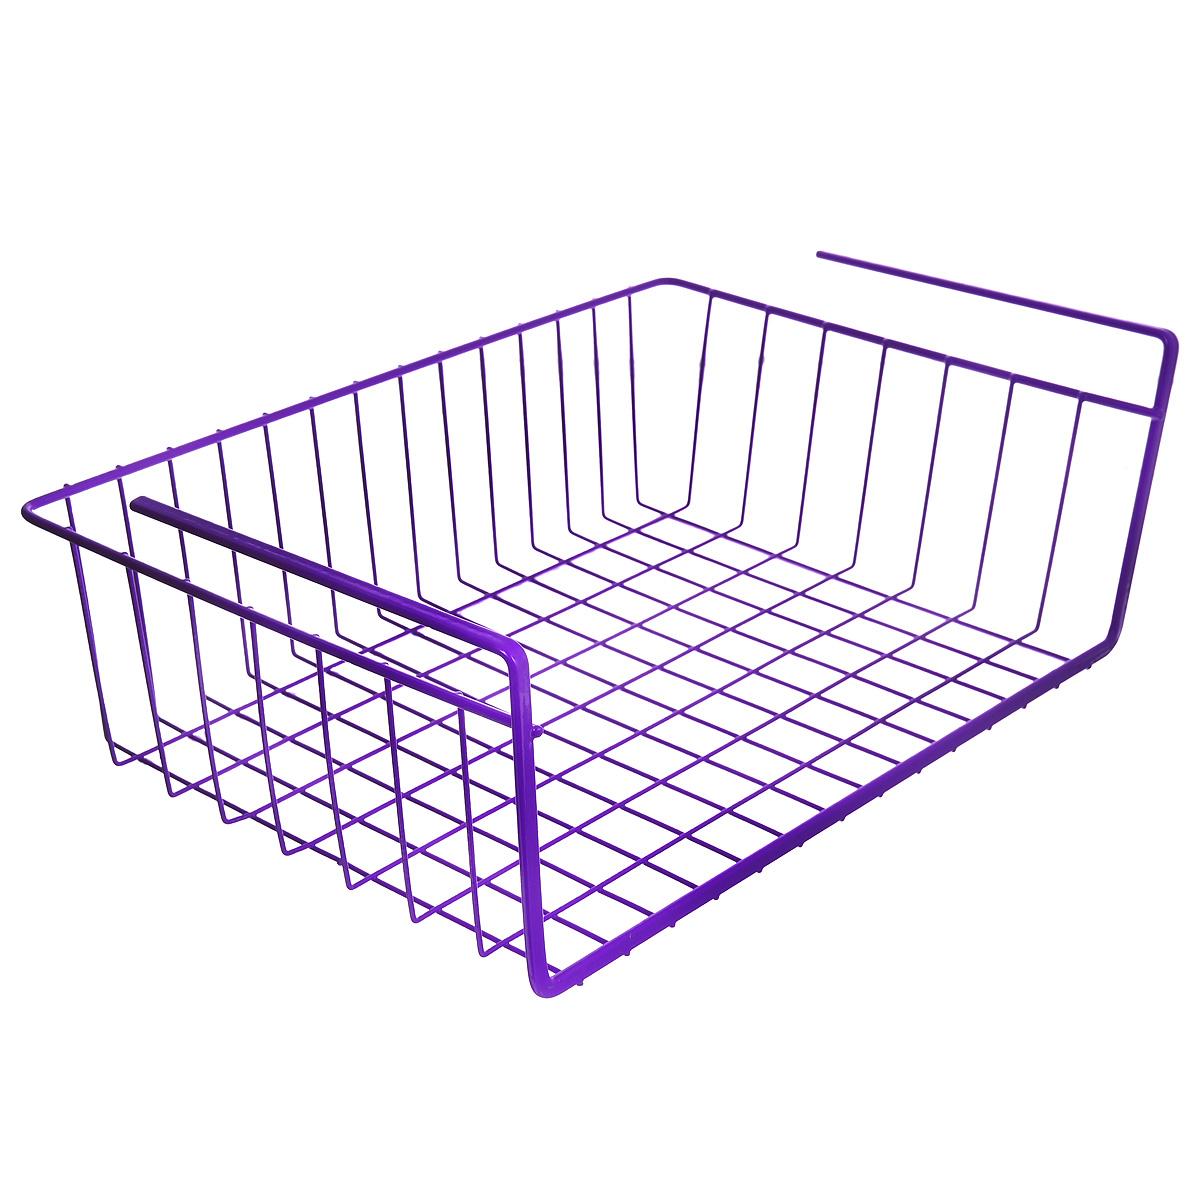 Полка подвесная Metaltex Babatex Color, цвет: фиолетовый, 40 х 26 х 14 см36.38.40/94-528_фиолетовыйПодвесная полка Metaltex Babatex Color, изготовленная из стали с цветным полимерным покрытием, сэкономит место на вашей кухне или в ванной. Современный дизайн делает ее не только практичным, но и стильным домашним аксессуаром. Полка надежно крепиться к поверхности при помощи двух держателей. Такая полка пригодится для хранения различных кухонных или других принадлежностей, которые всегда будут под рукой, и увеличит полезную площадь для хранения различных предметов.